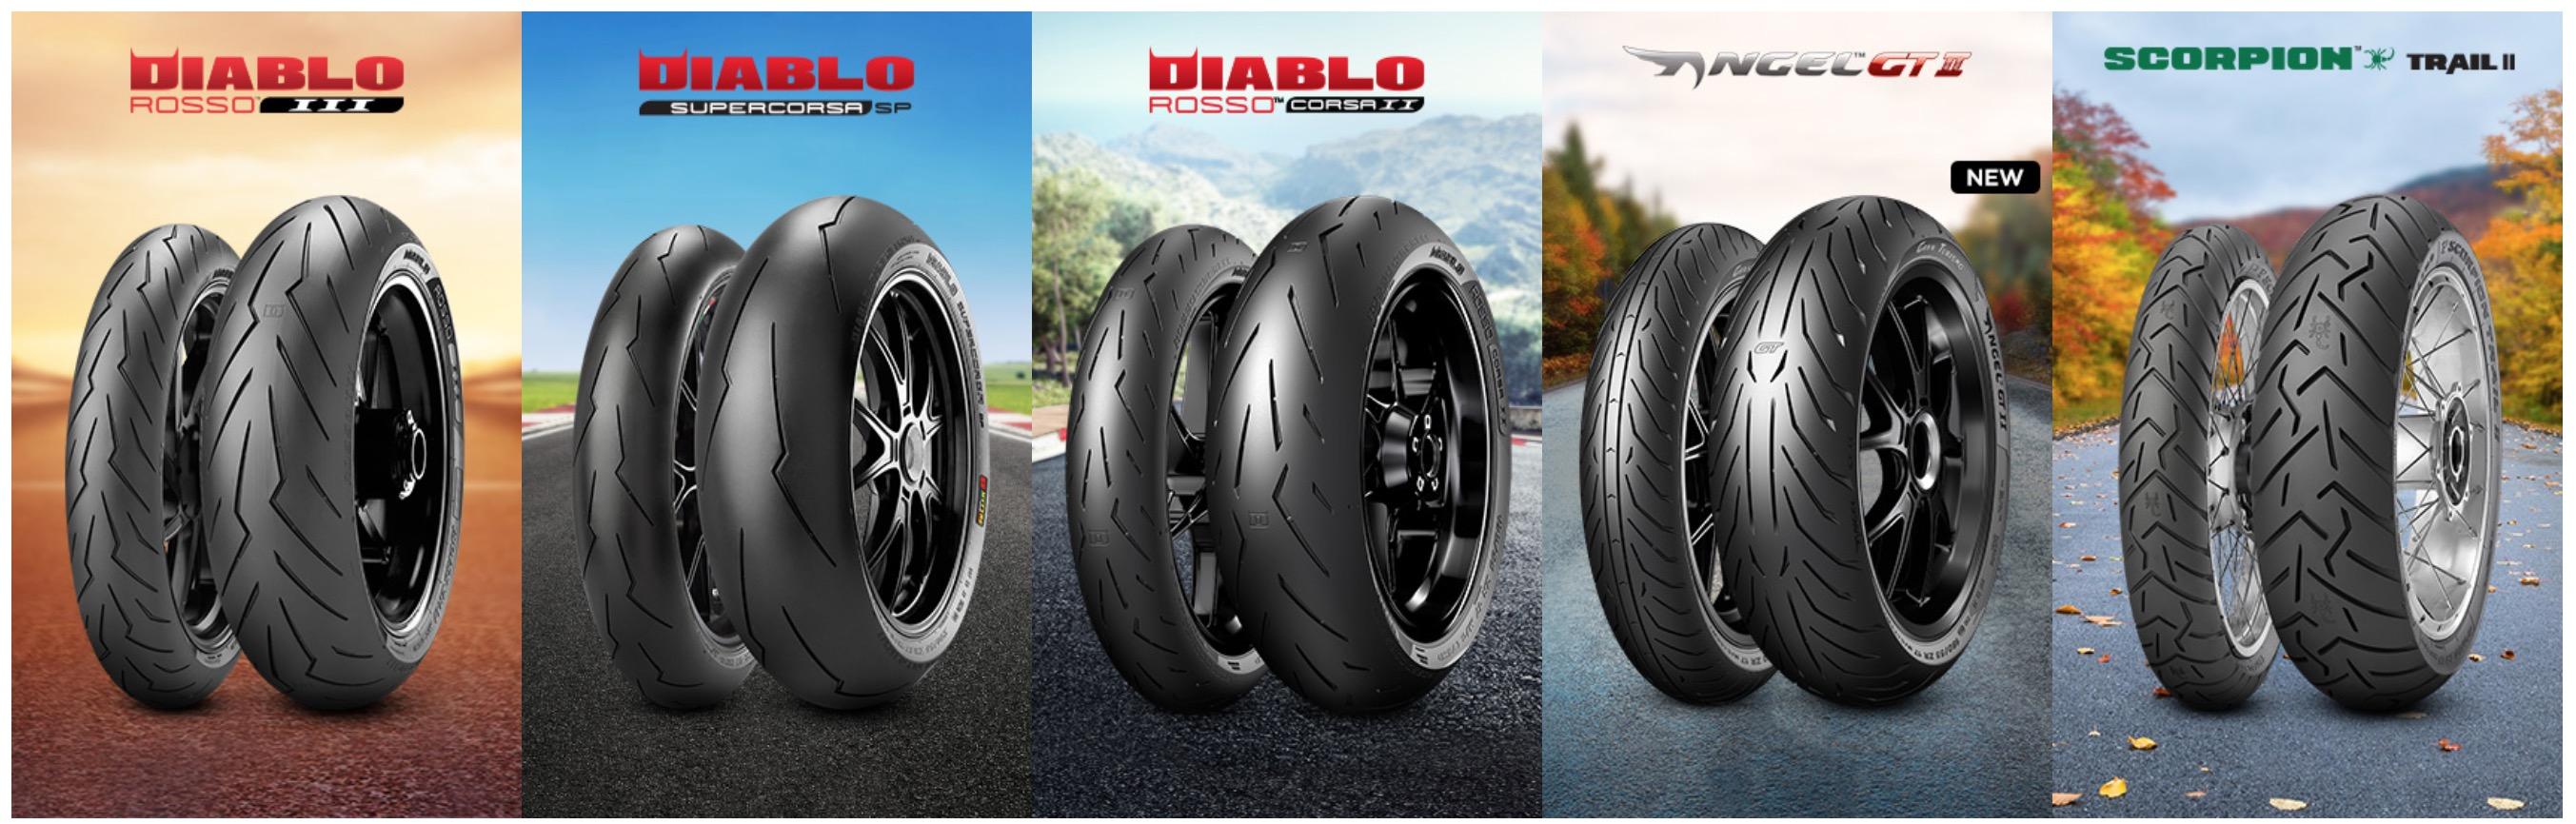 Các dòng sản phẩm lốp xe hiện có của Pirelli dành cho xe máy moto pkl